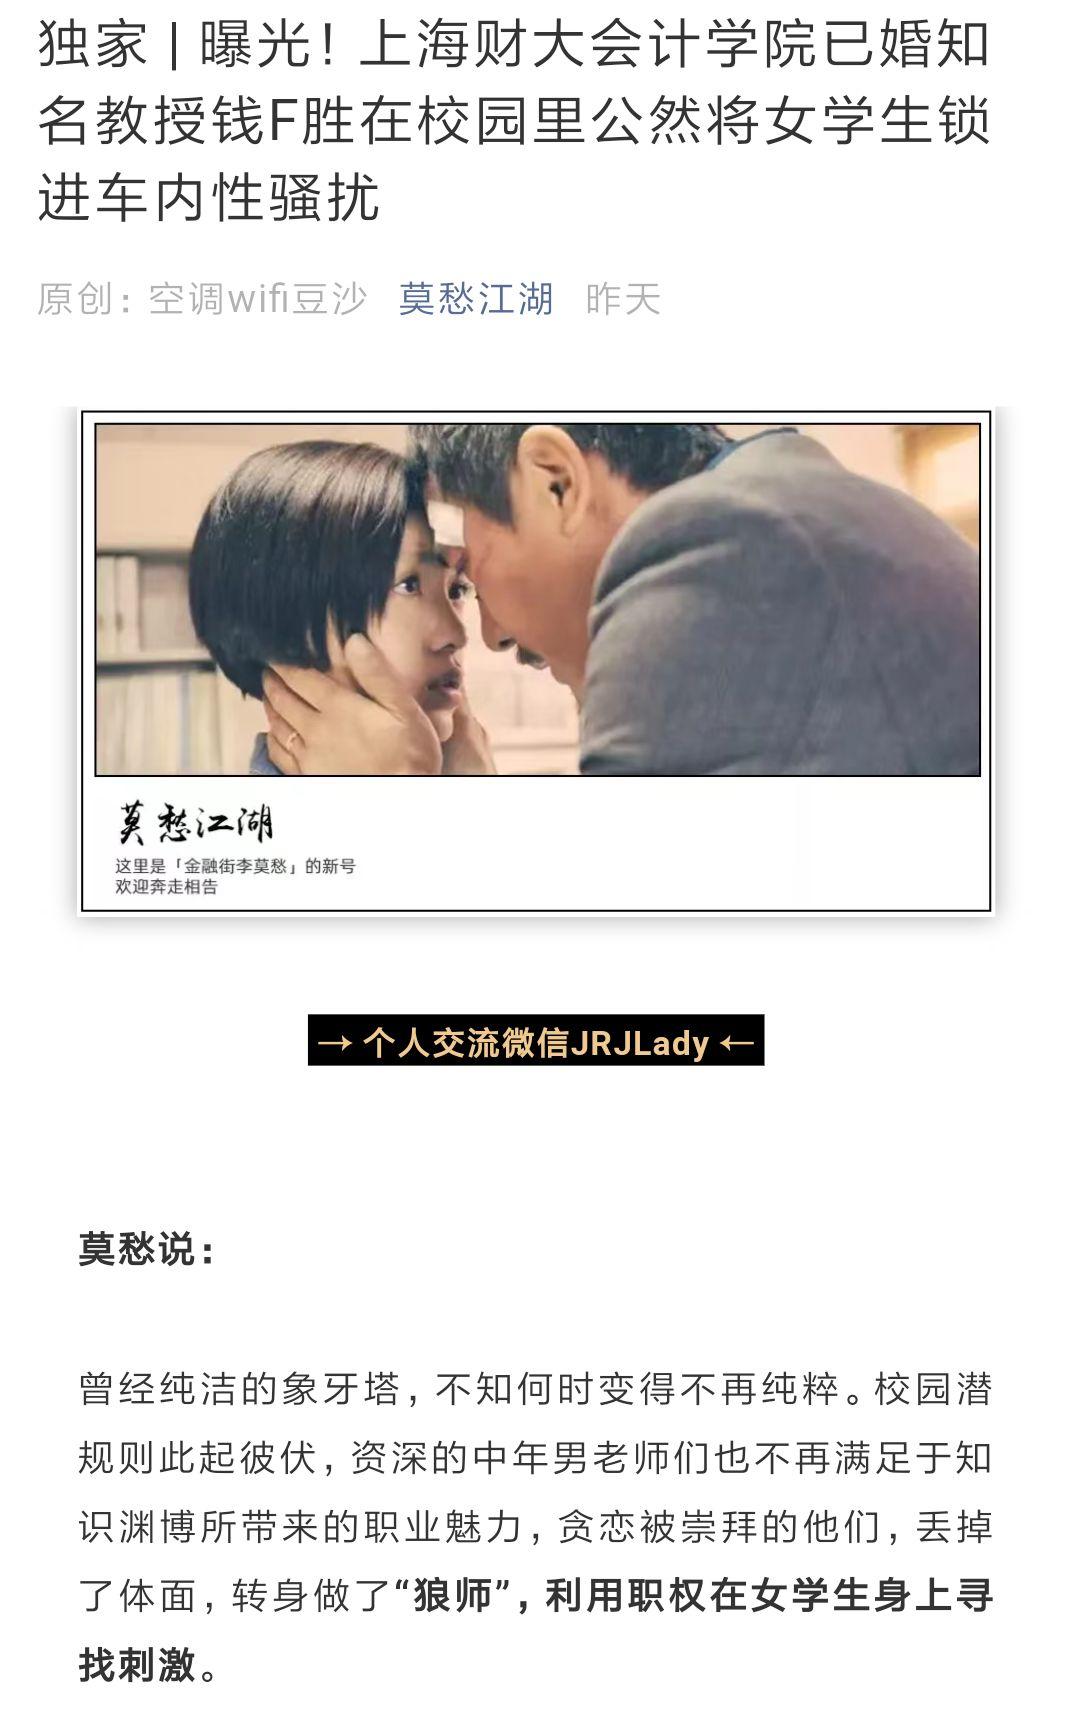 上海一副教授被指将女生锁在车内猥亵,师德失范不容姑息 | 每日话题